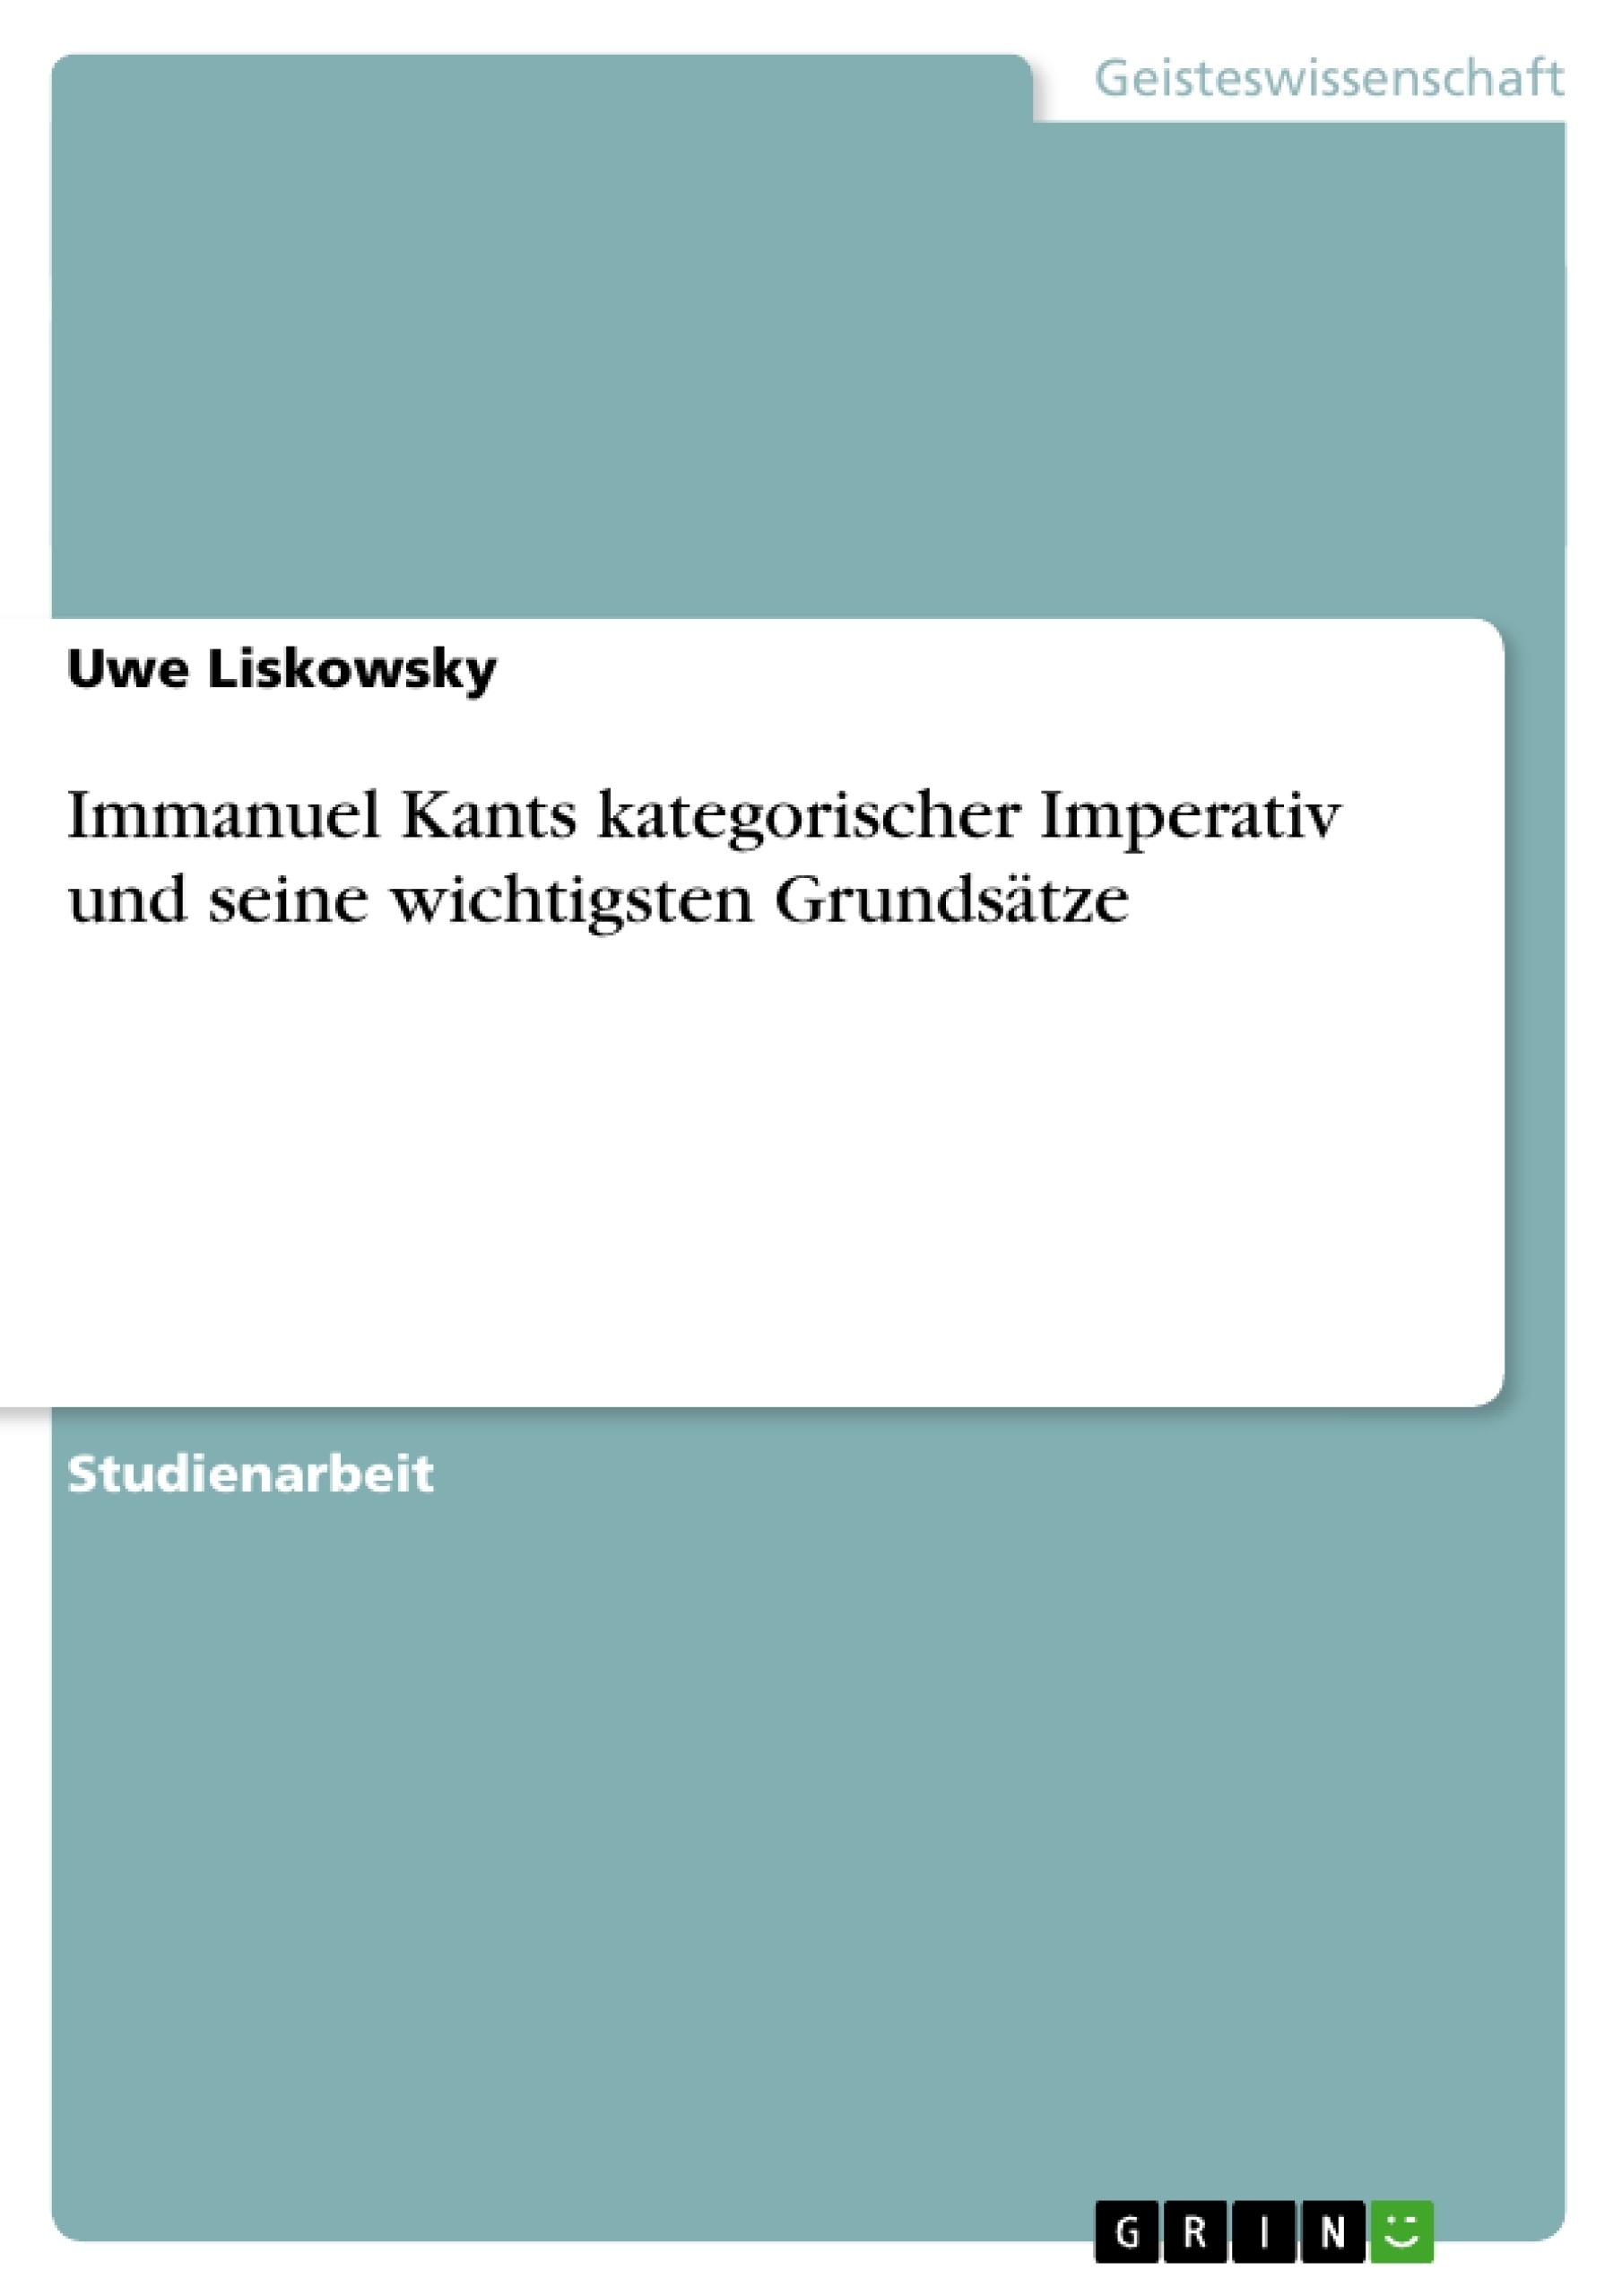 Titel: Immanuel Kants kategorischer Imperativ und seine wichtigsten Grundsätze